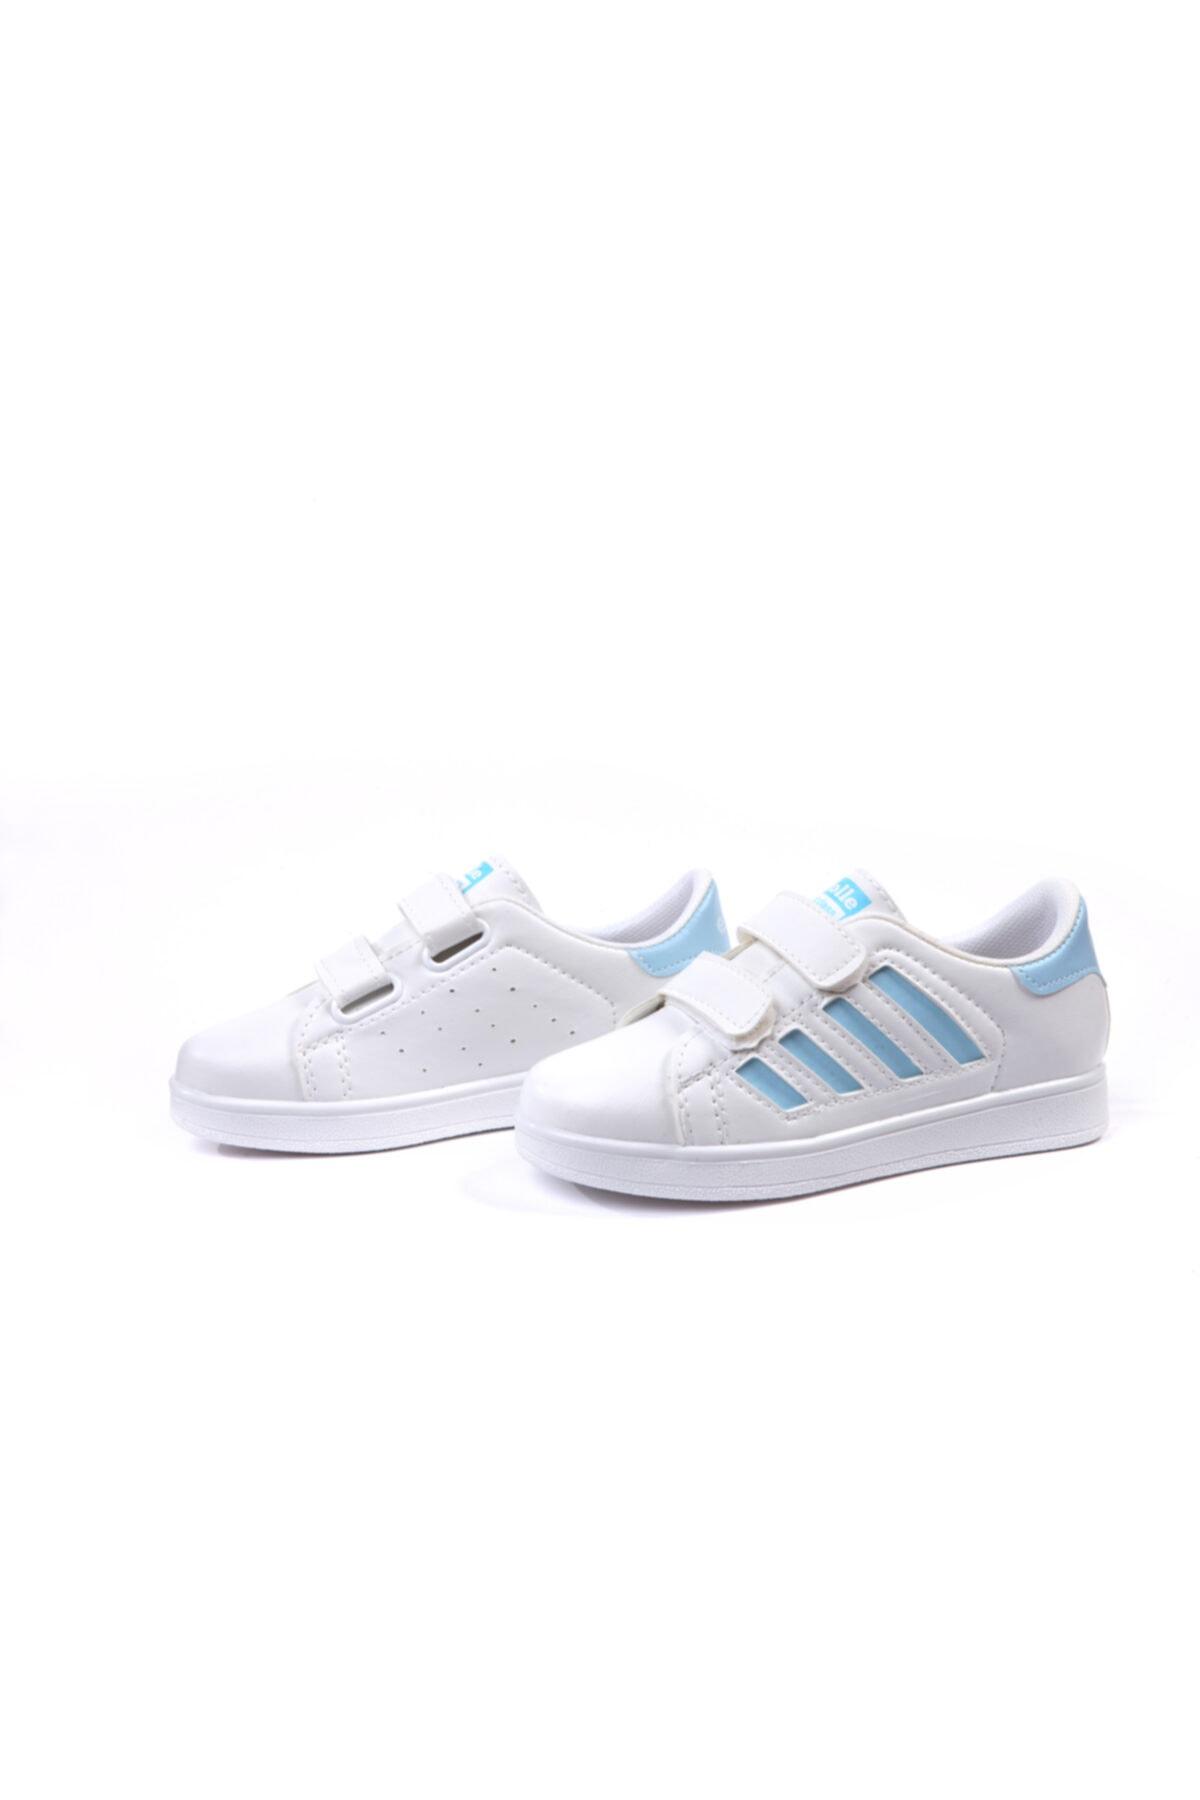 Efolle Çocuk Spor Ayakkabısı 1